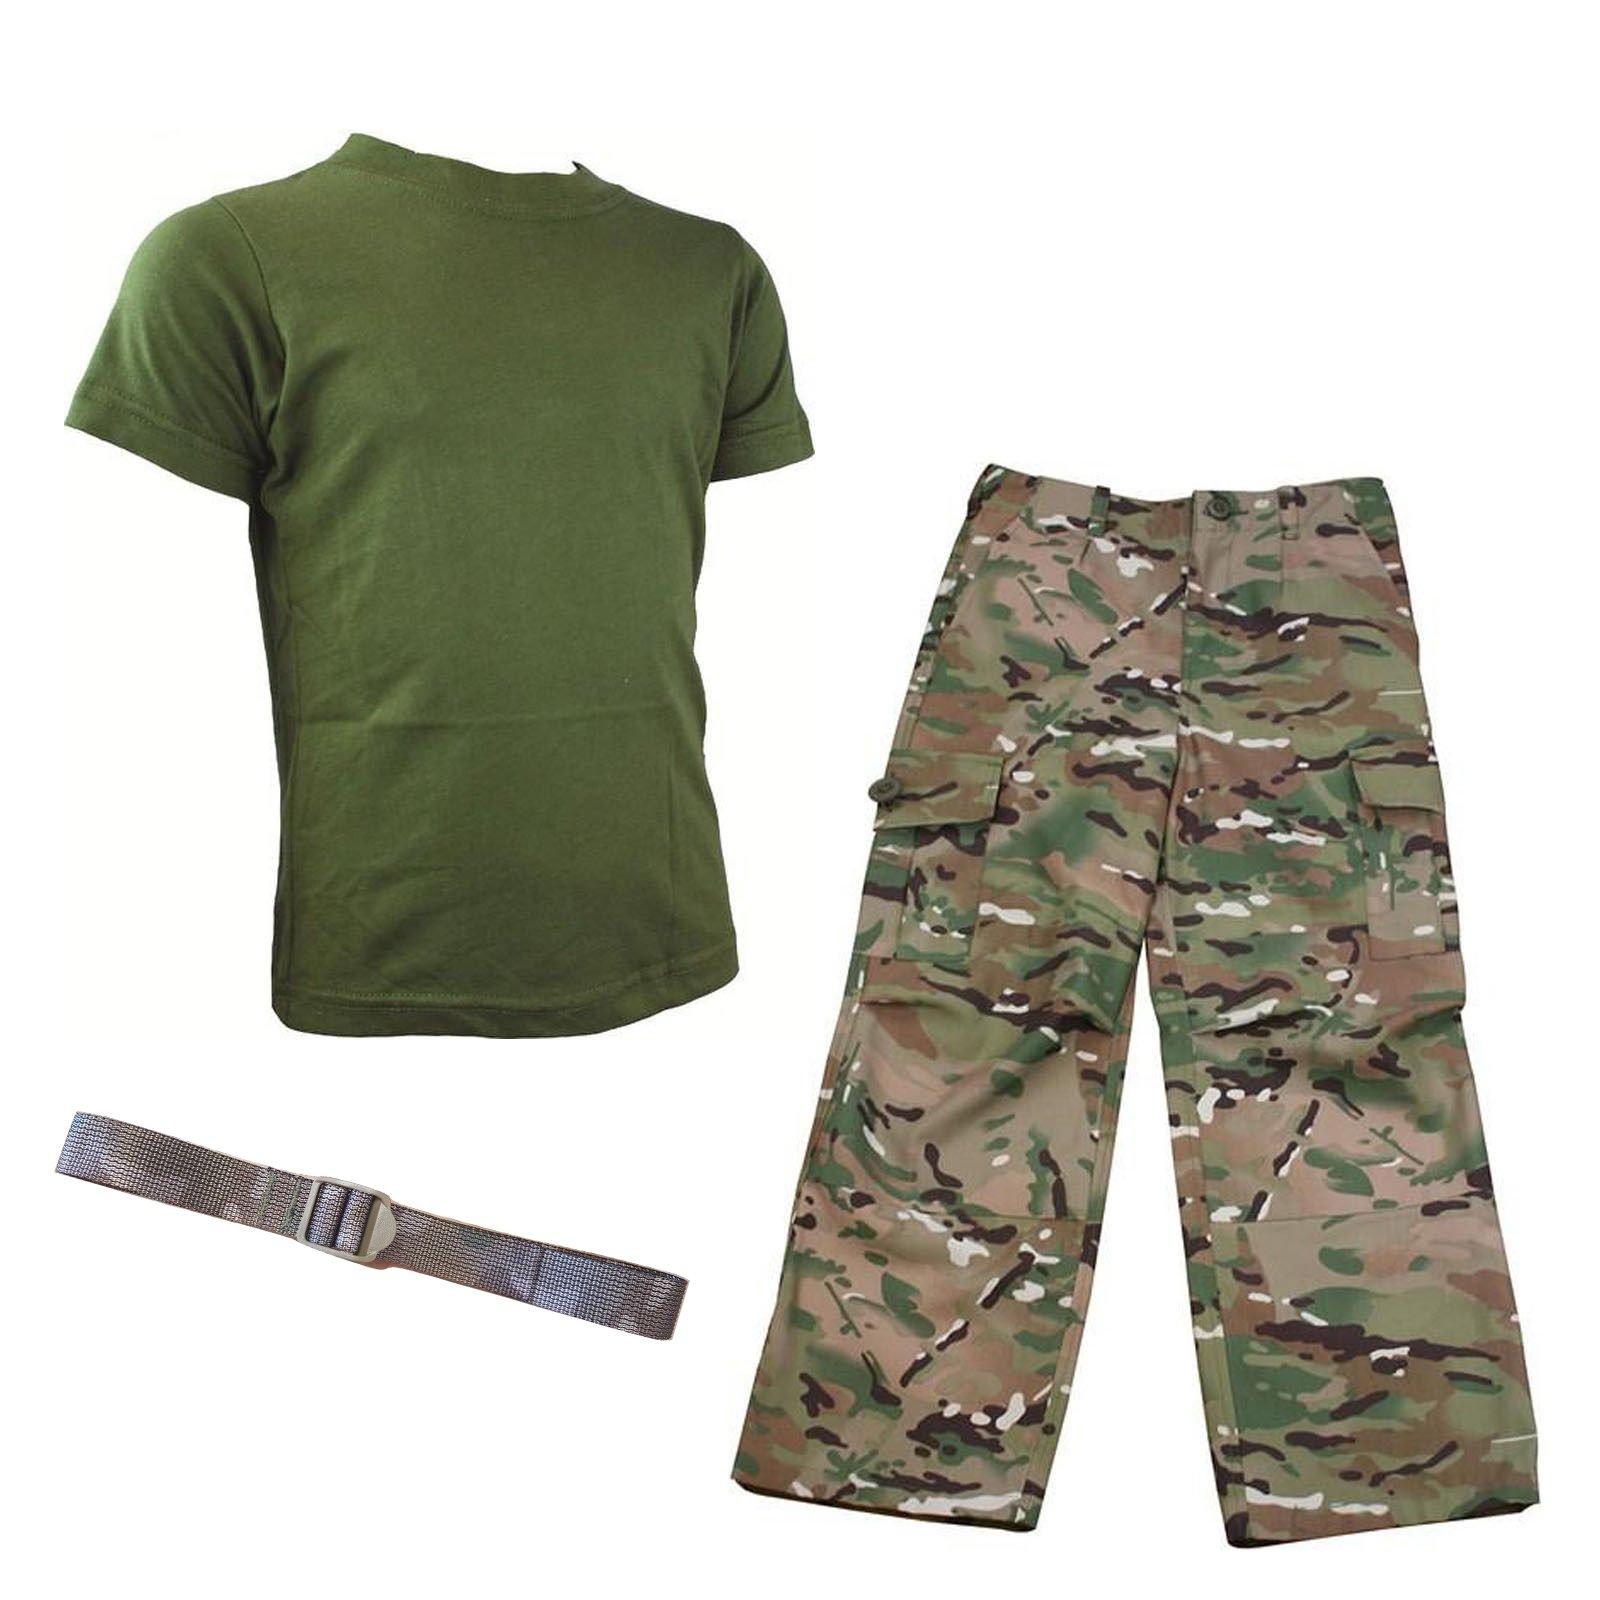 Contact Left Kids Pack 1 HMTC MTP/Multicam Match Pantalones y Camiseta Verde Oliva, Camuflaje Militar Disfraz de Soldado + cinturón, 11-12 años: Amazon.es: Deportes y aire libre